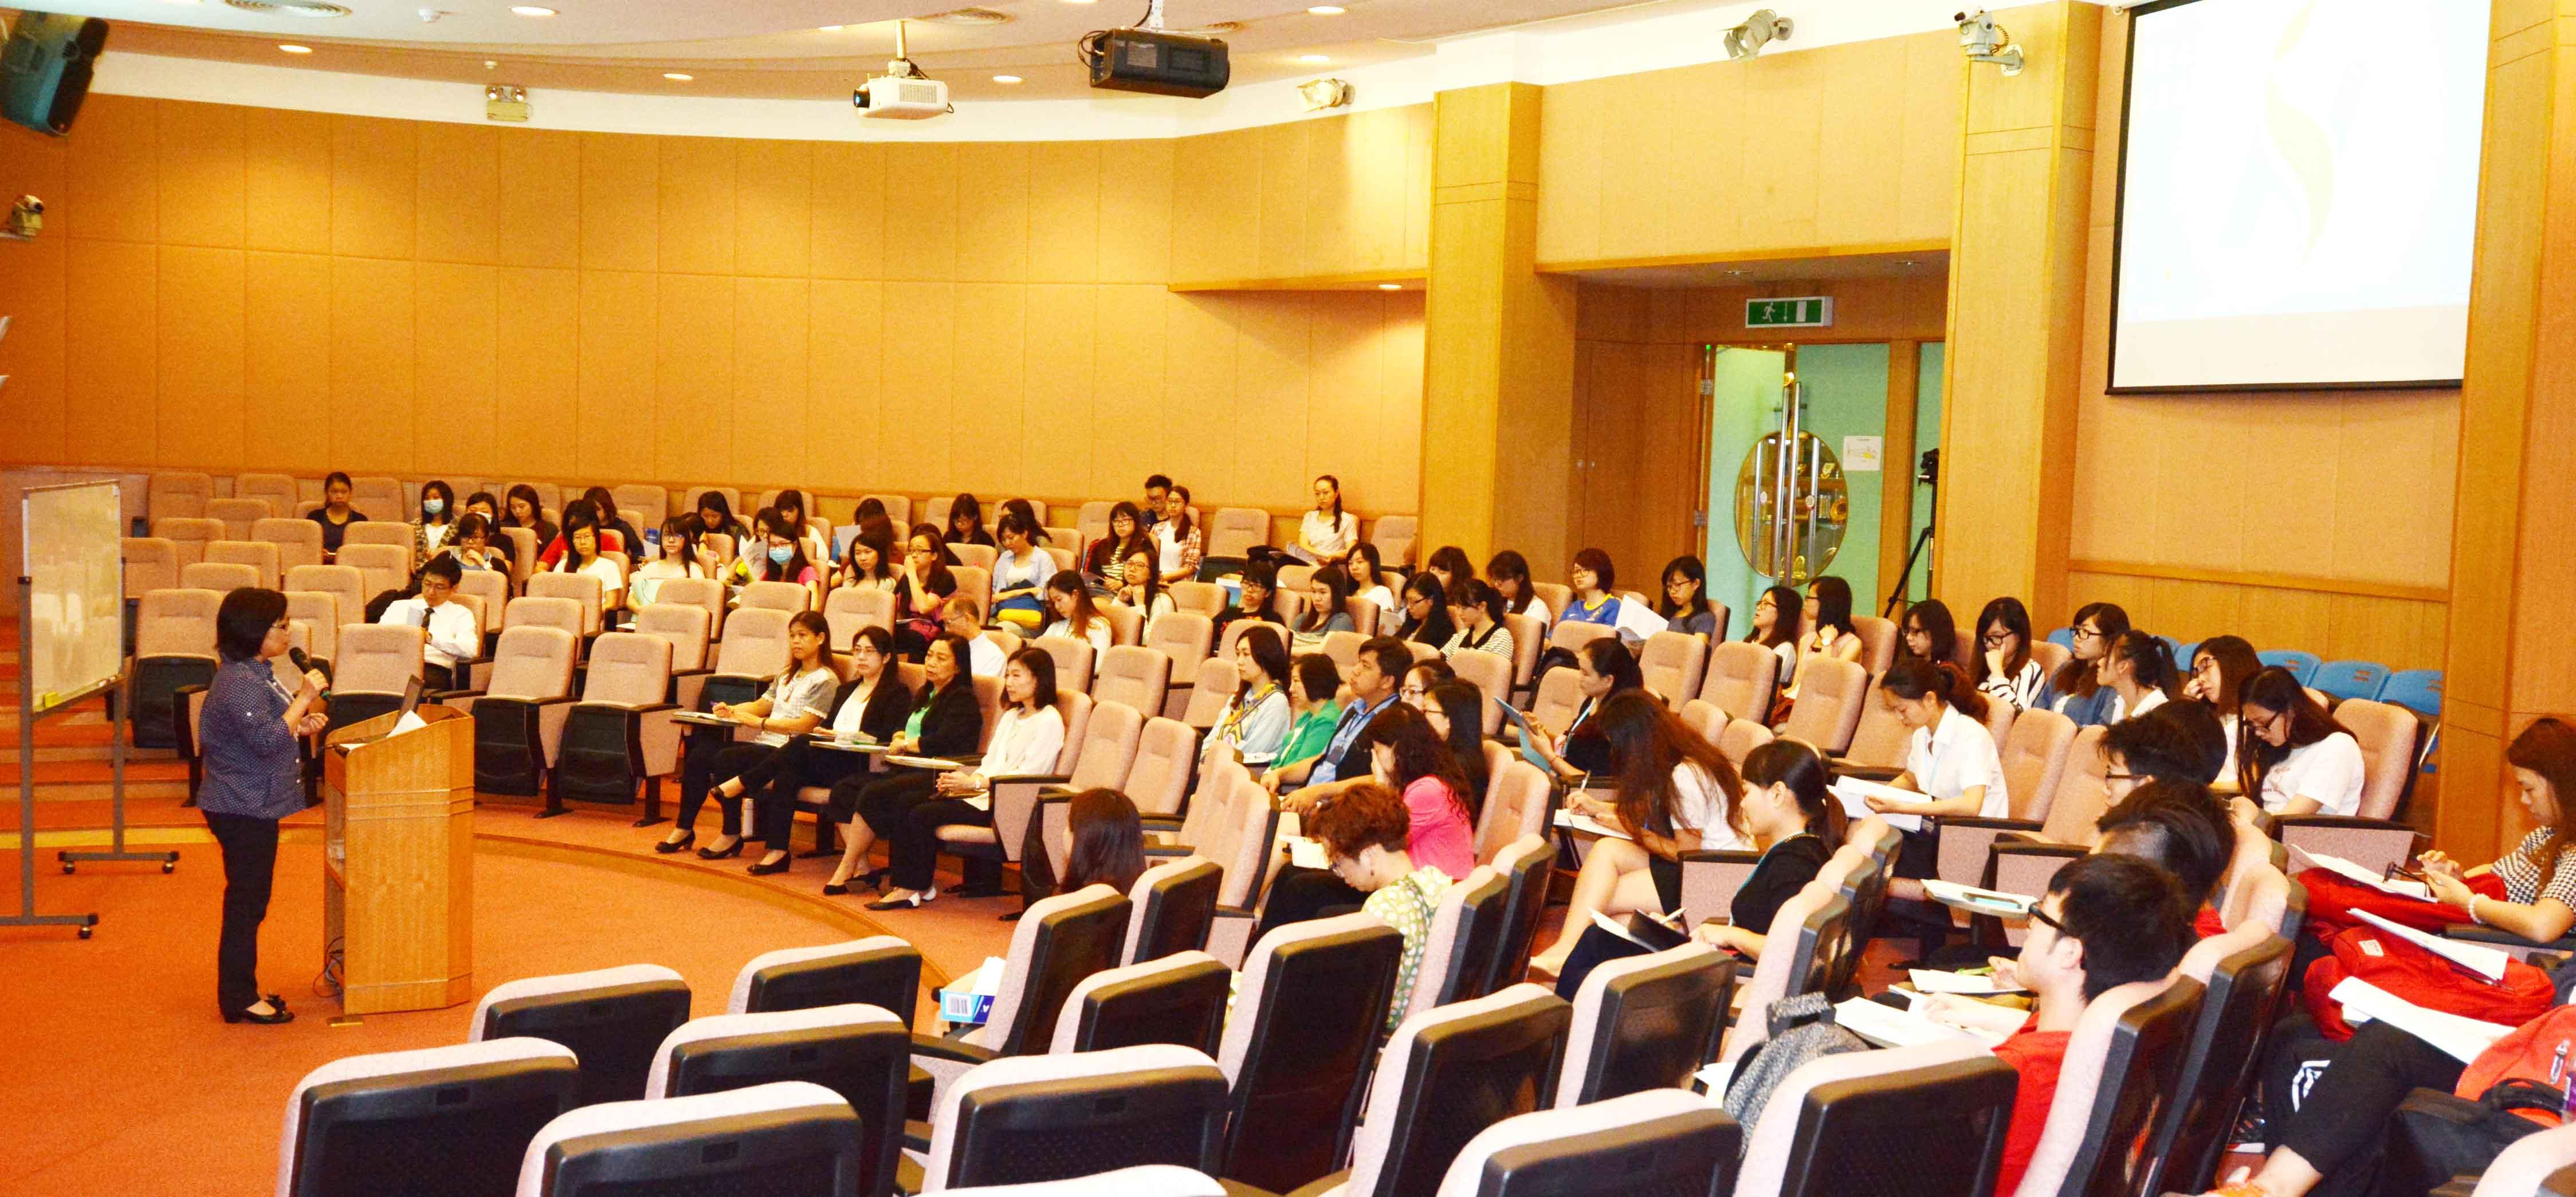 「解決問題,促進健康」工作坊培養學生關注社會健康